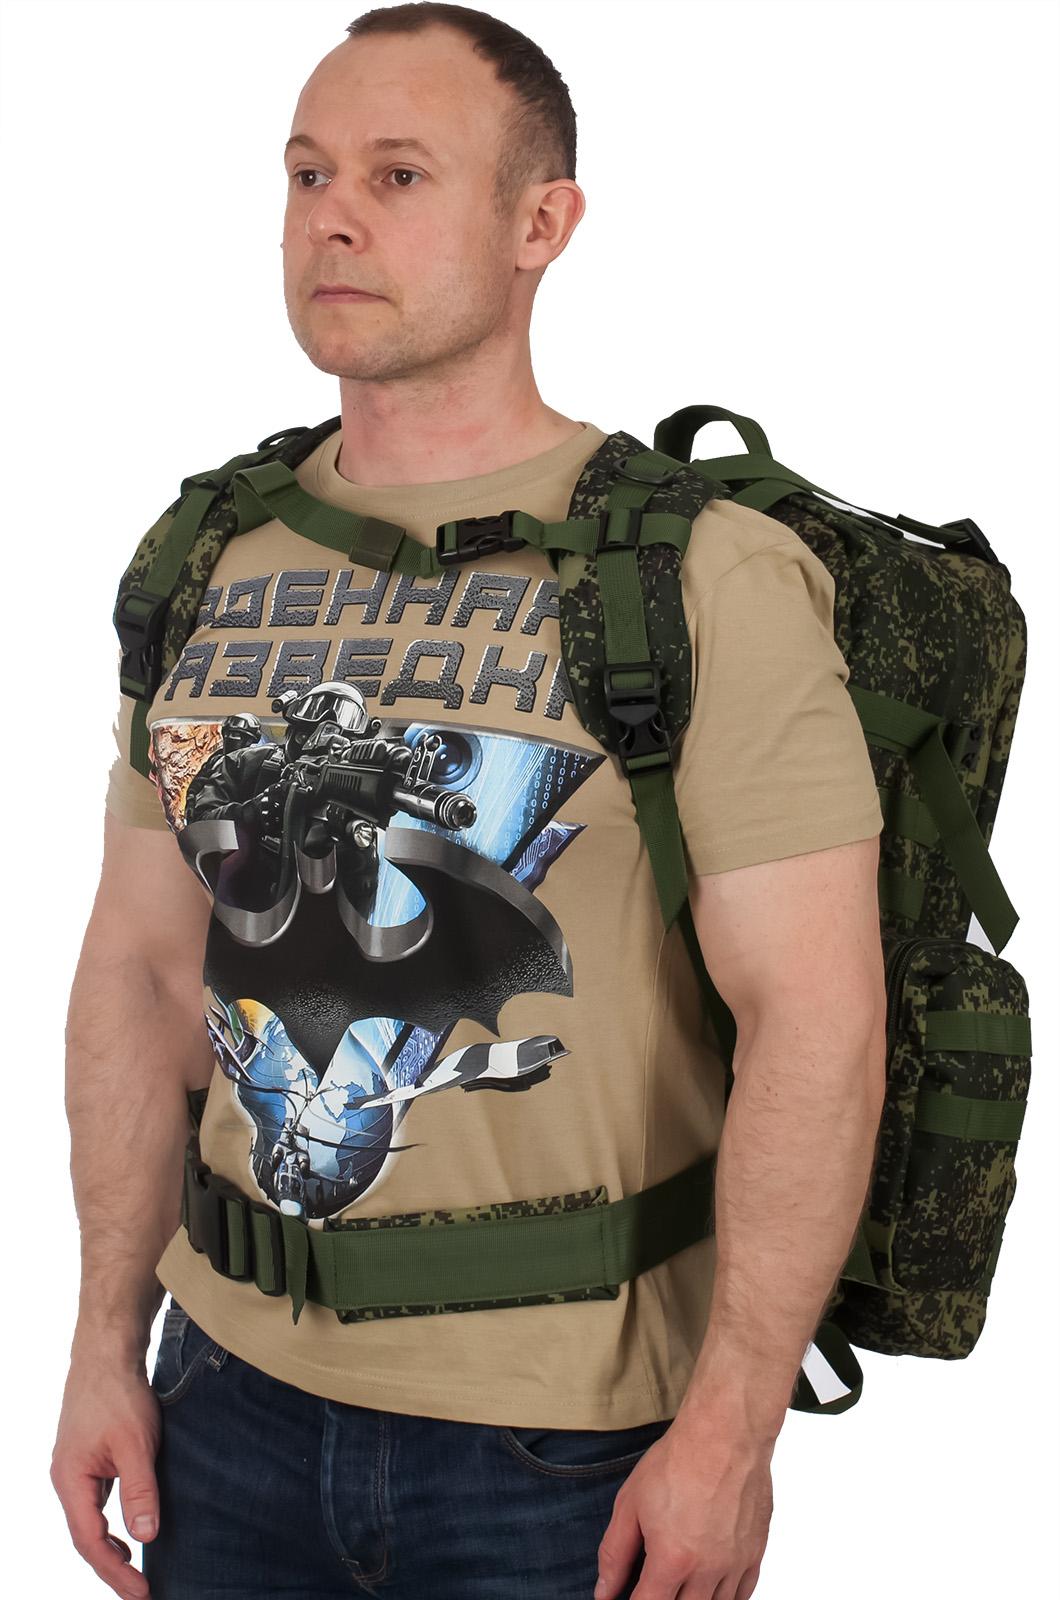 Тактические военные рюкзаки для практичных мужчин